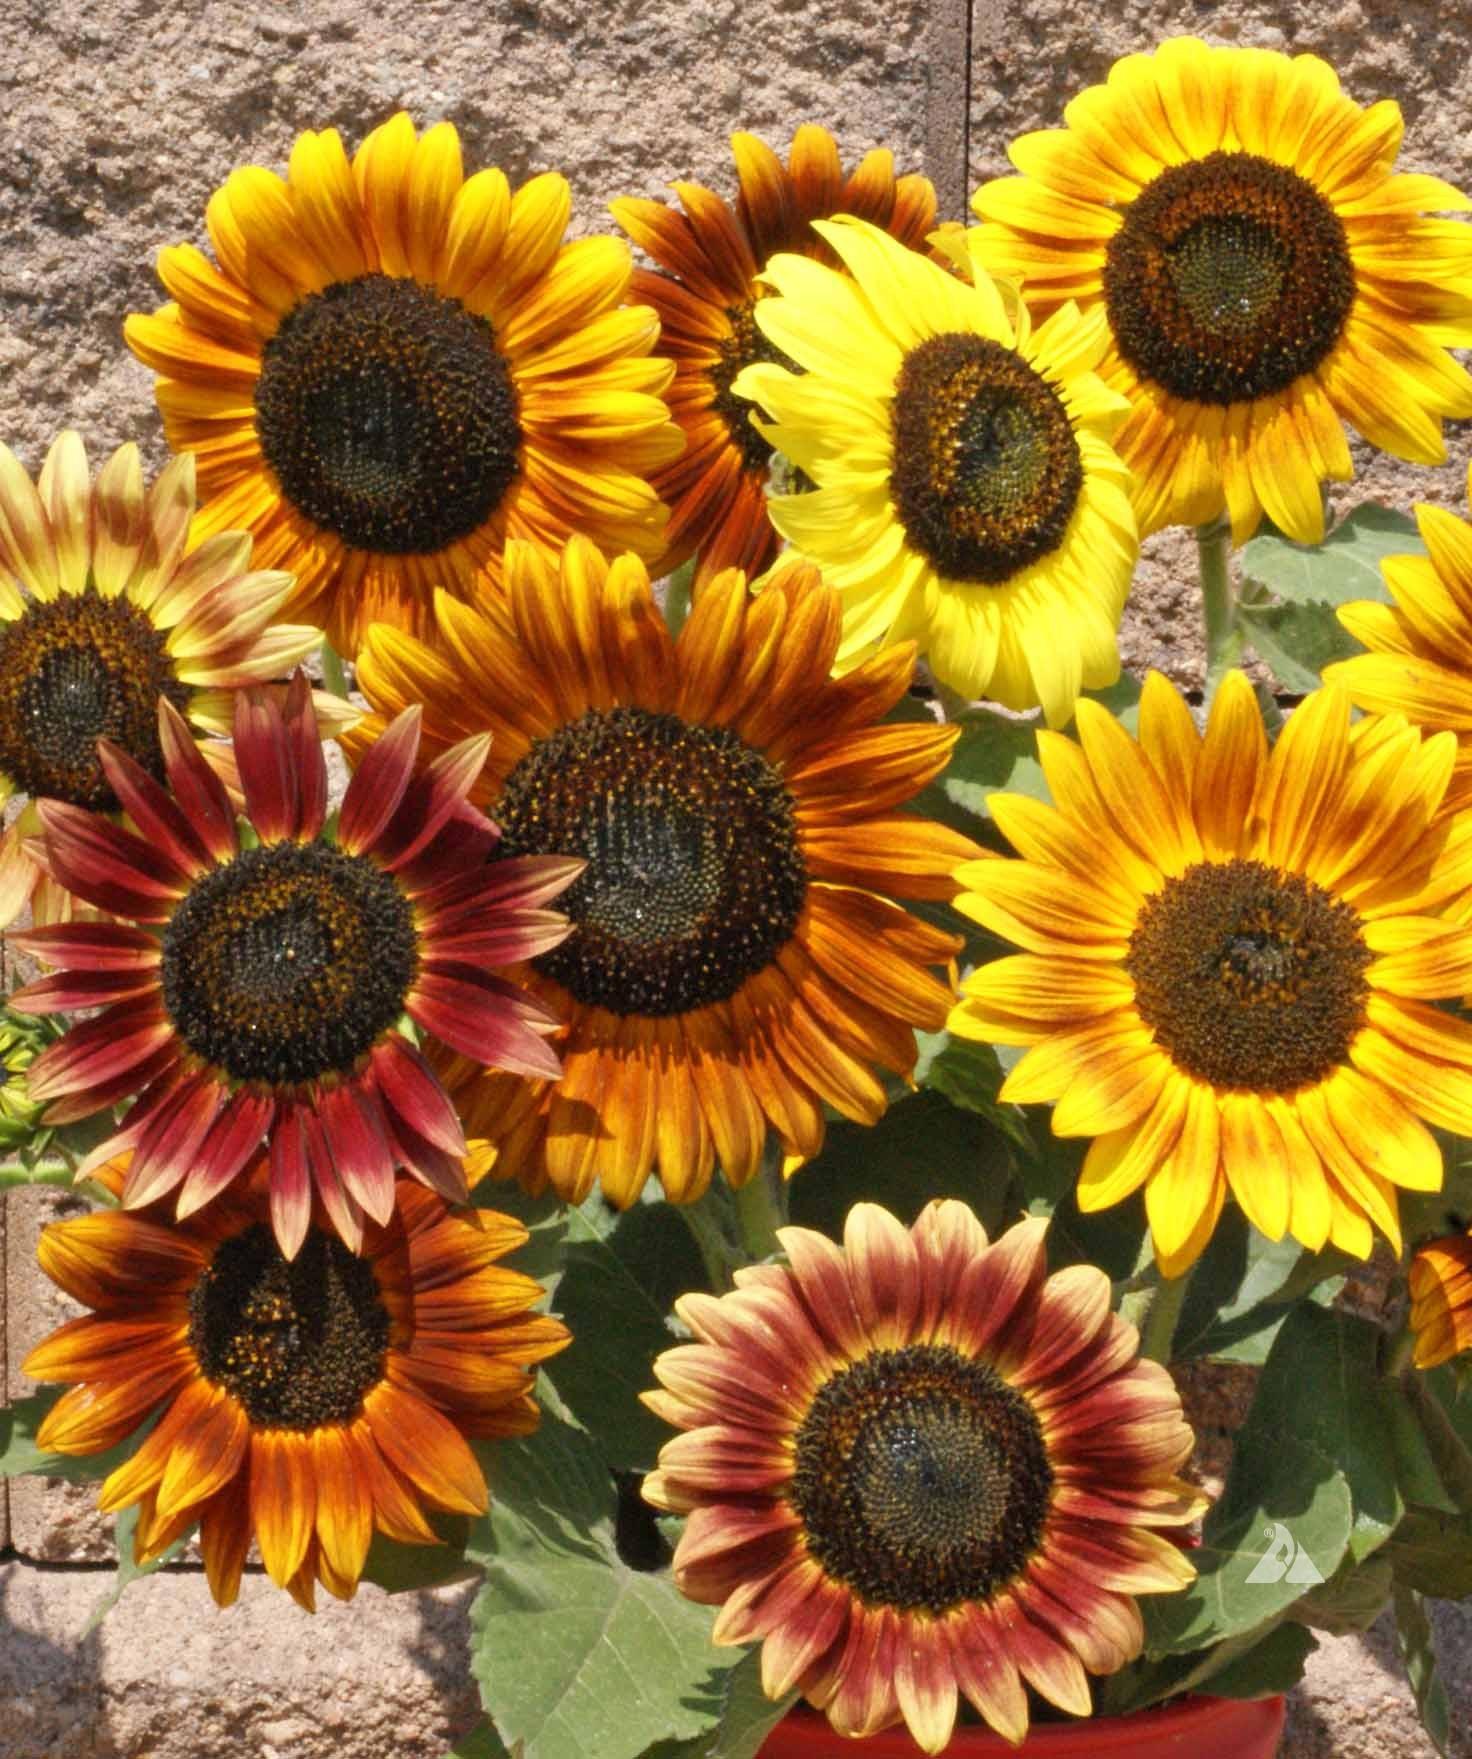 Hoa hướng dương đầy đủ màu sắc đẹp nhất